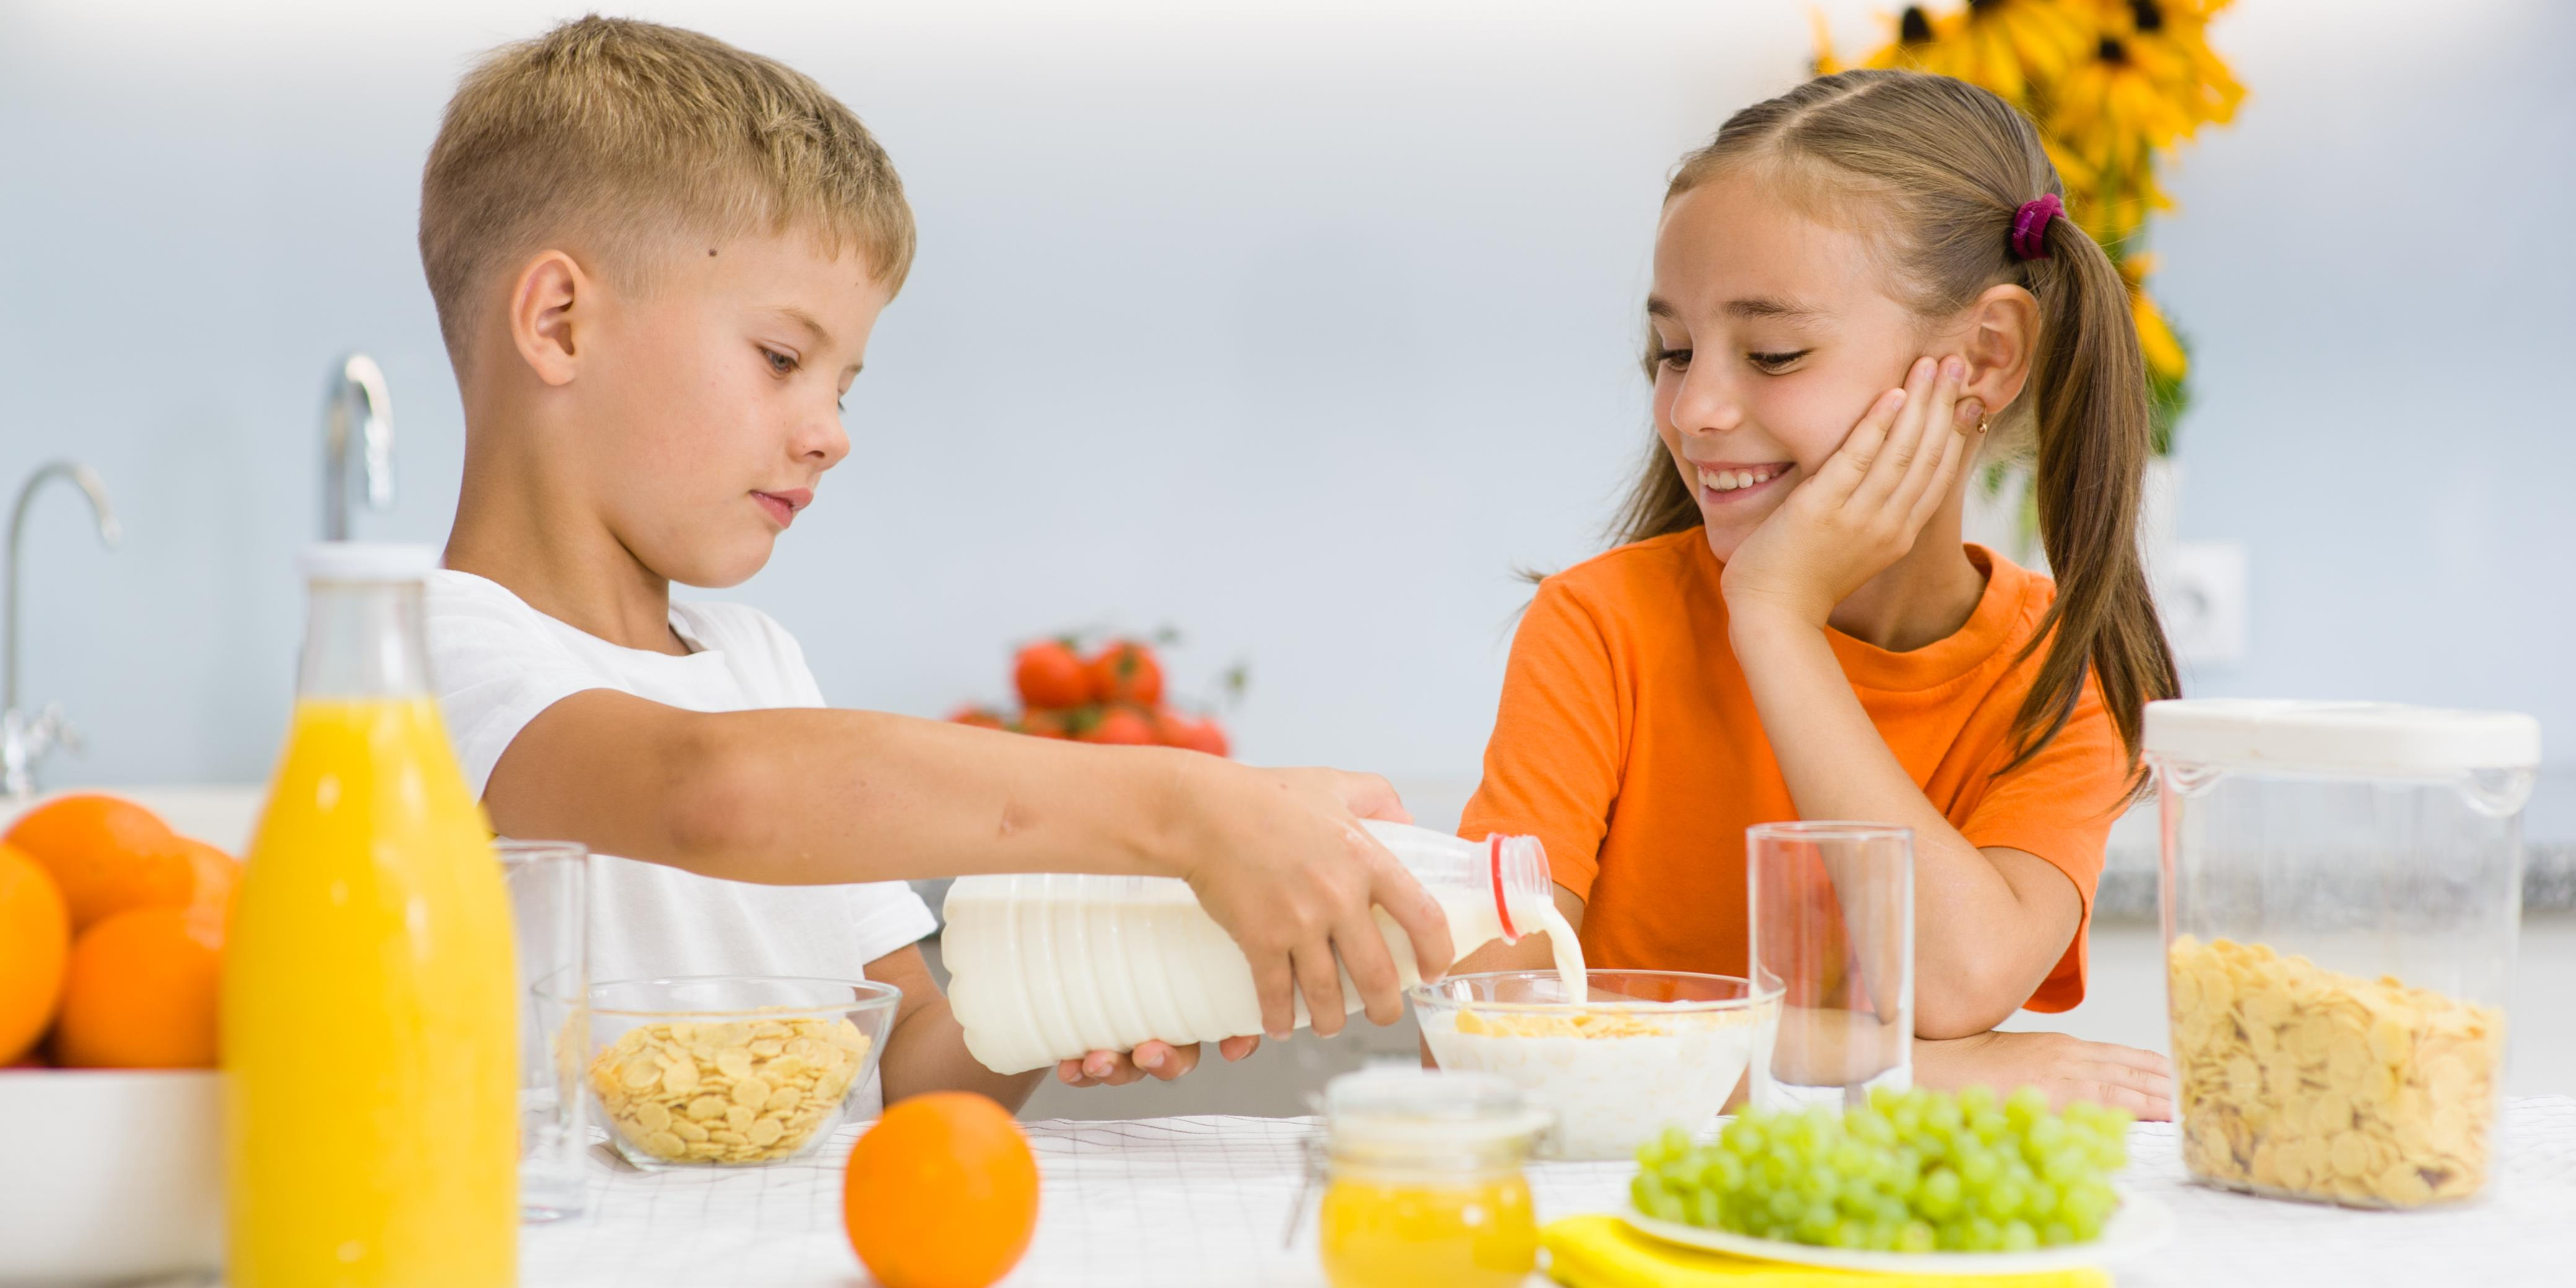 Túlsúlyos a gyermekem 3. Mit tegyen a szülő, ha a gyermeke túlsúlyos?